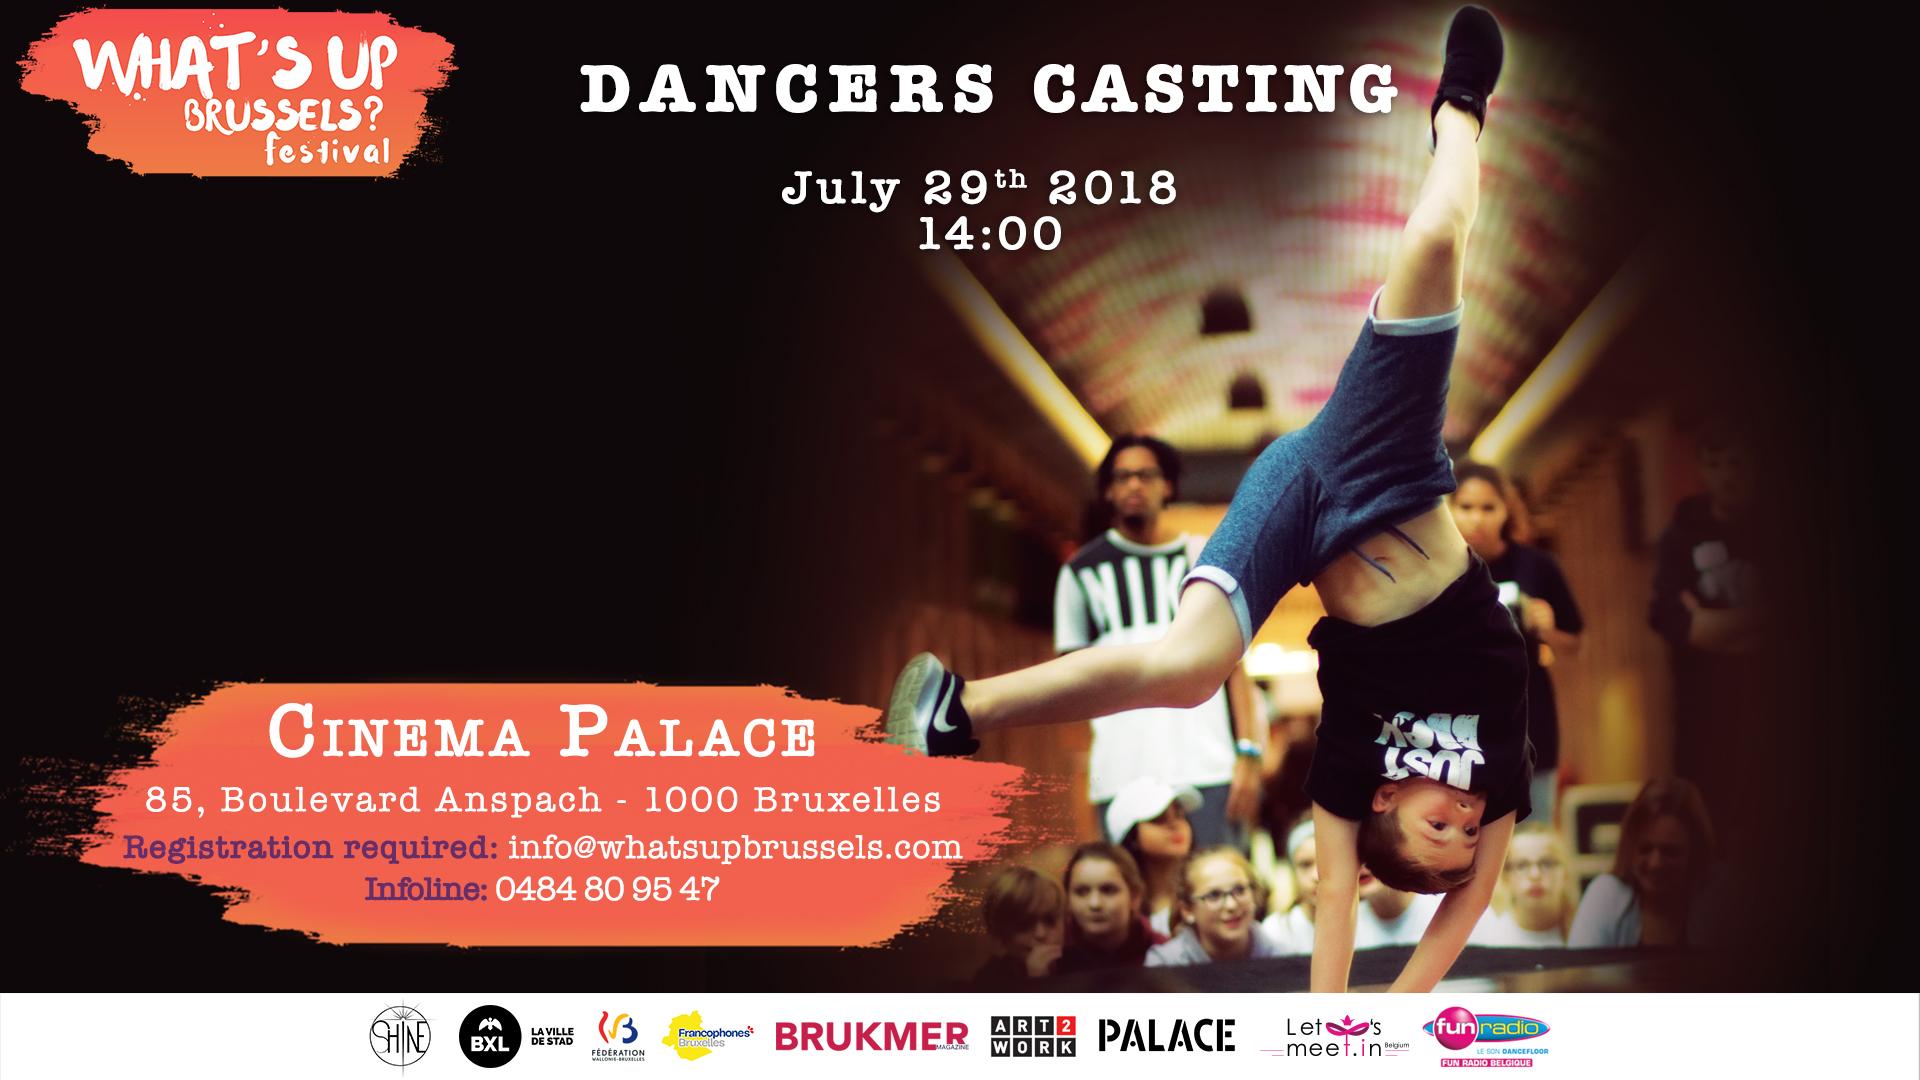 casting danse du festival what's up brussels @ Cinema palace | Bruxelles | Bruxelles | Belgique